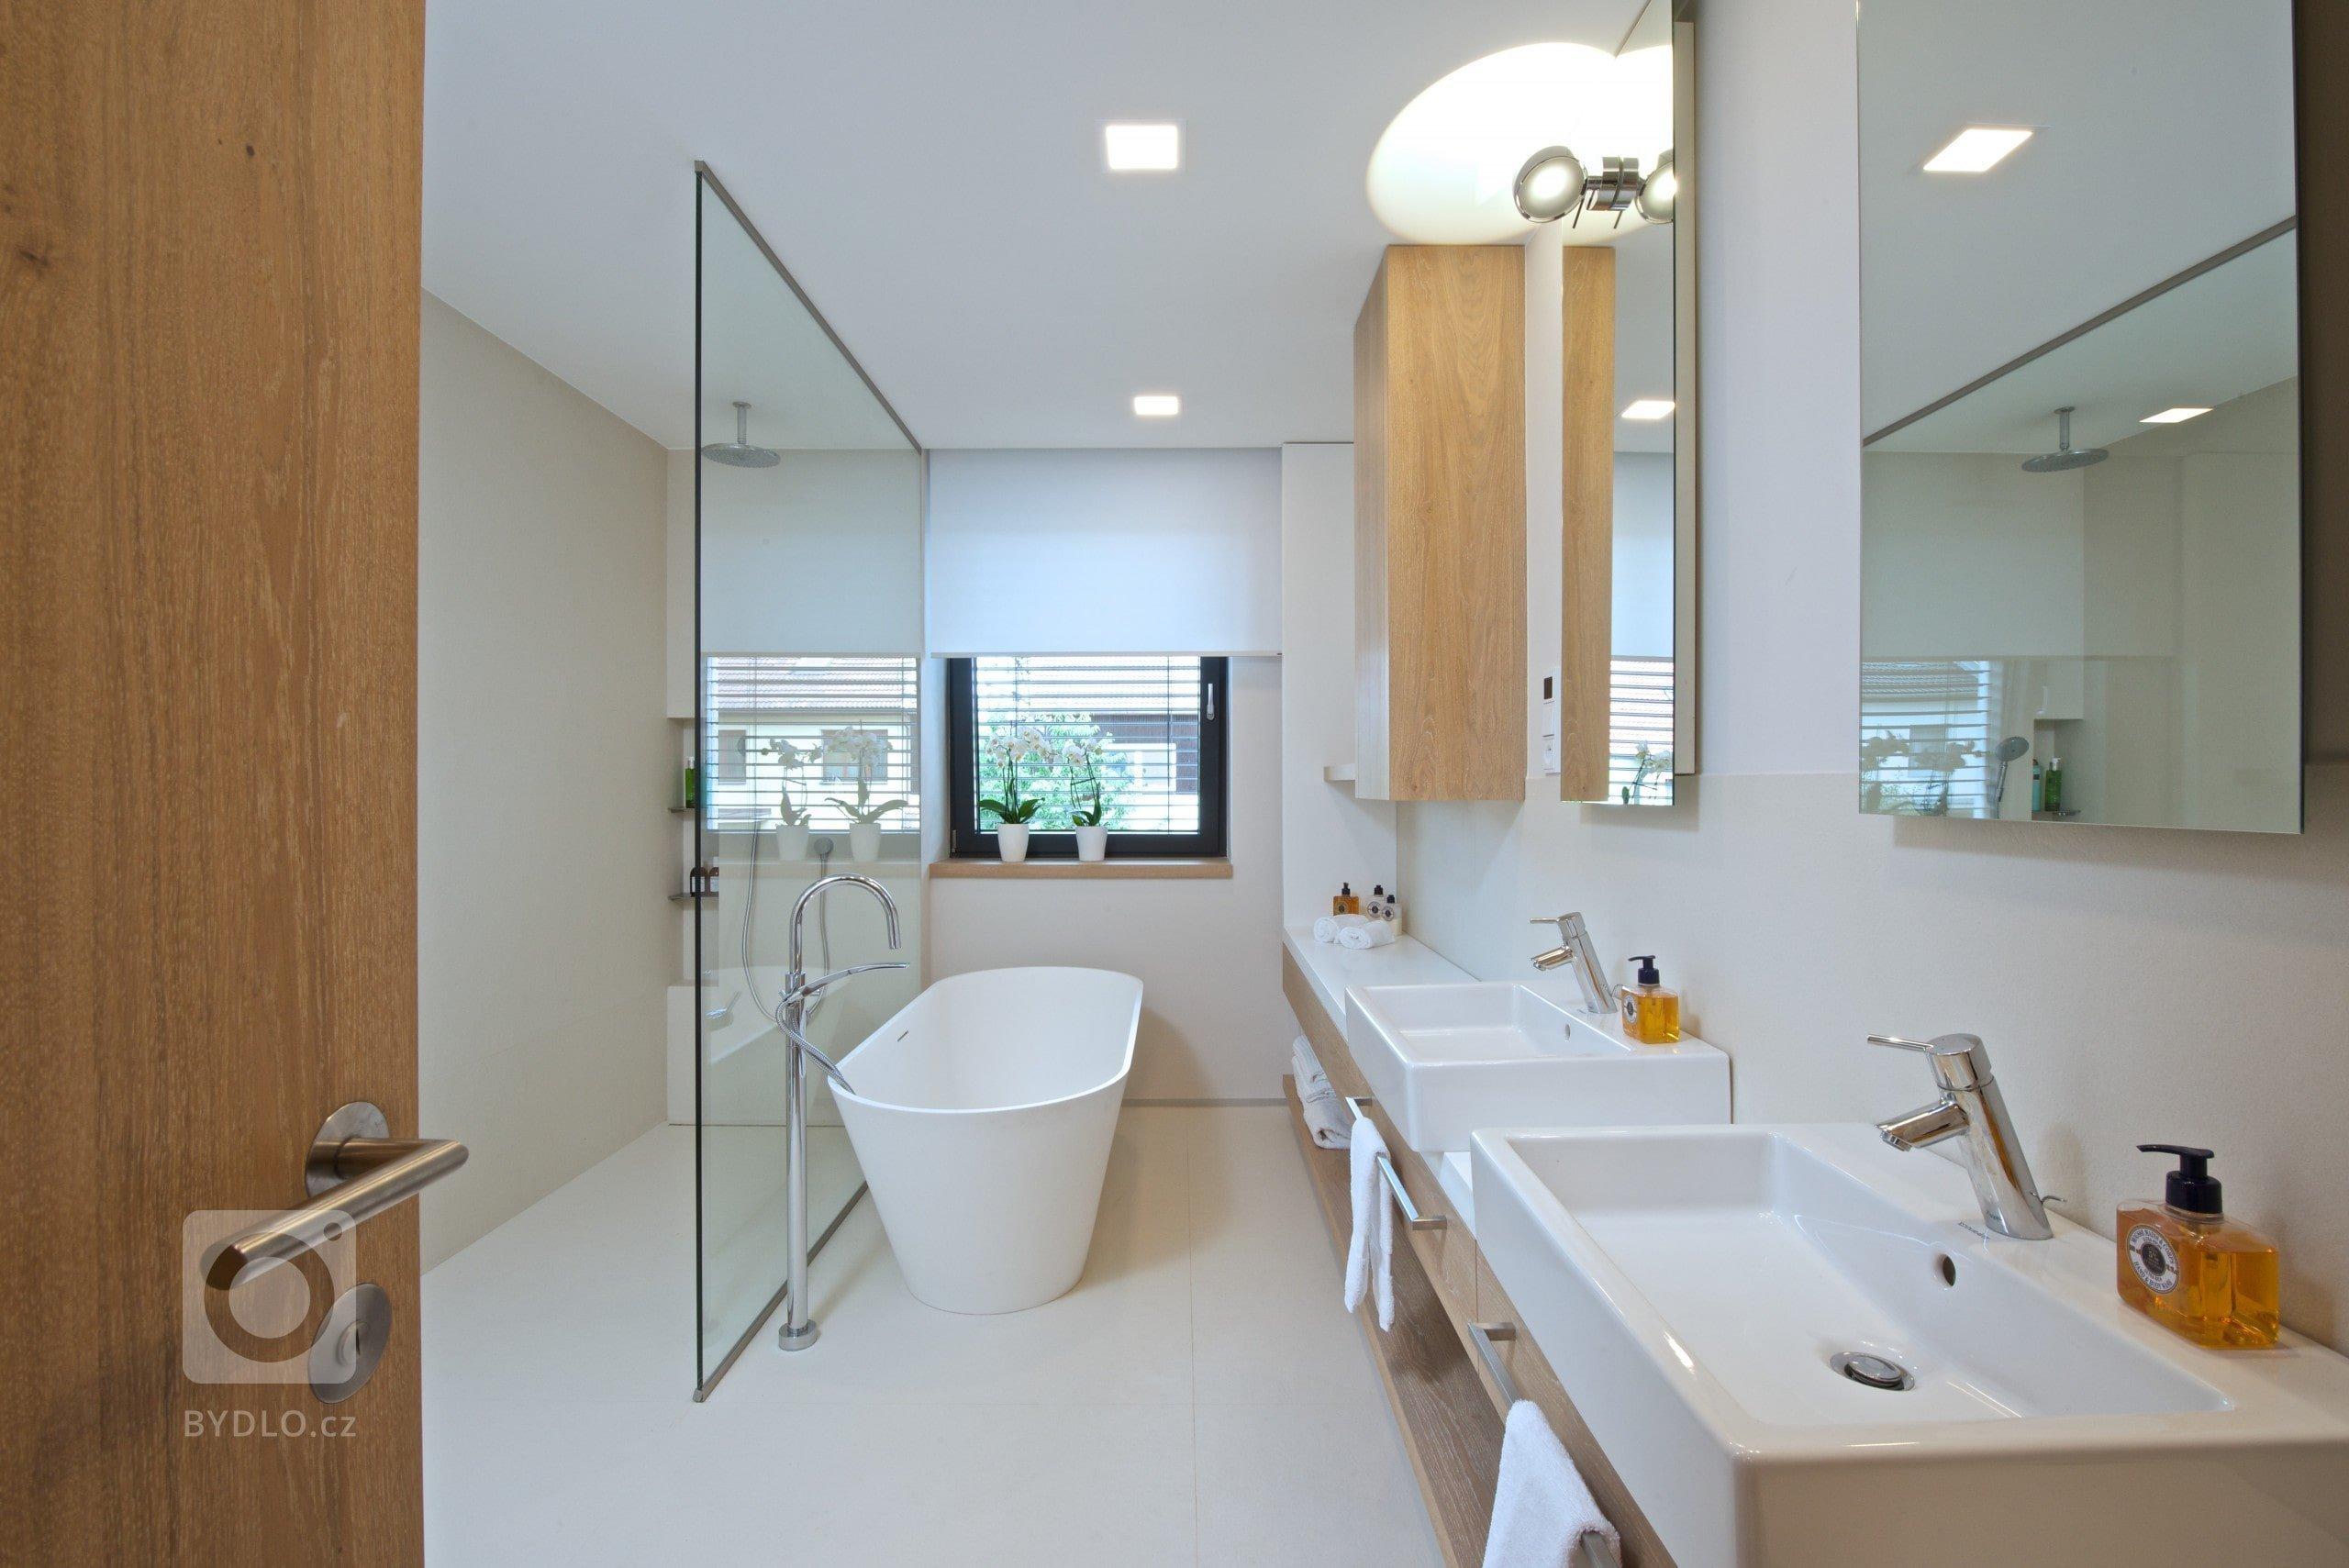 Při každé rekonstrukci se před námi objeví otázka, zda chceme ve své koupelně vanu nebo sprchový kout. Někteří rádi ušetří prostor a vystačí si s menším sprchovým koutem, jiní by však dali přednost vaně, ve které budou moci relaxovat po náročném dni. Která varianta je lepší? Vana nebo sprchový kout?